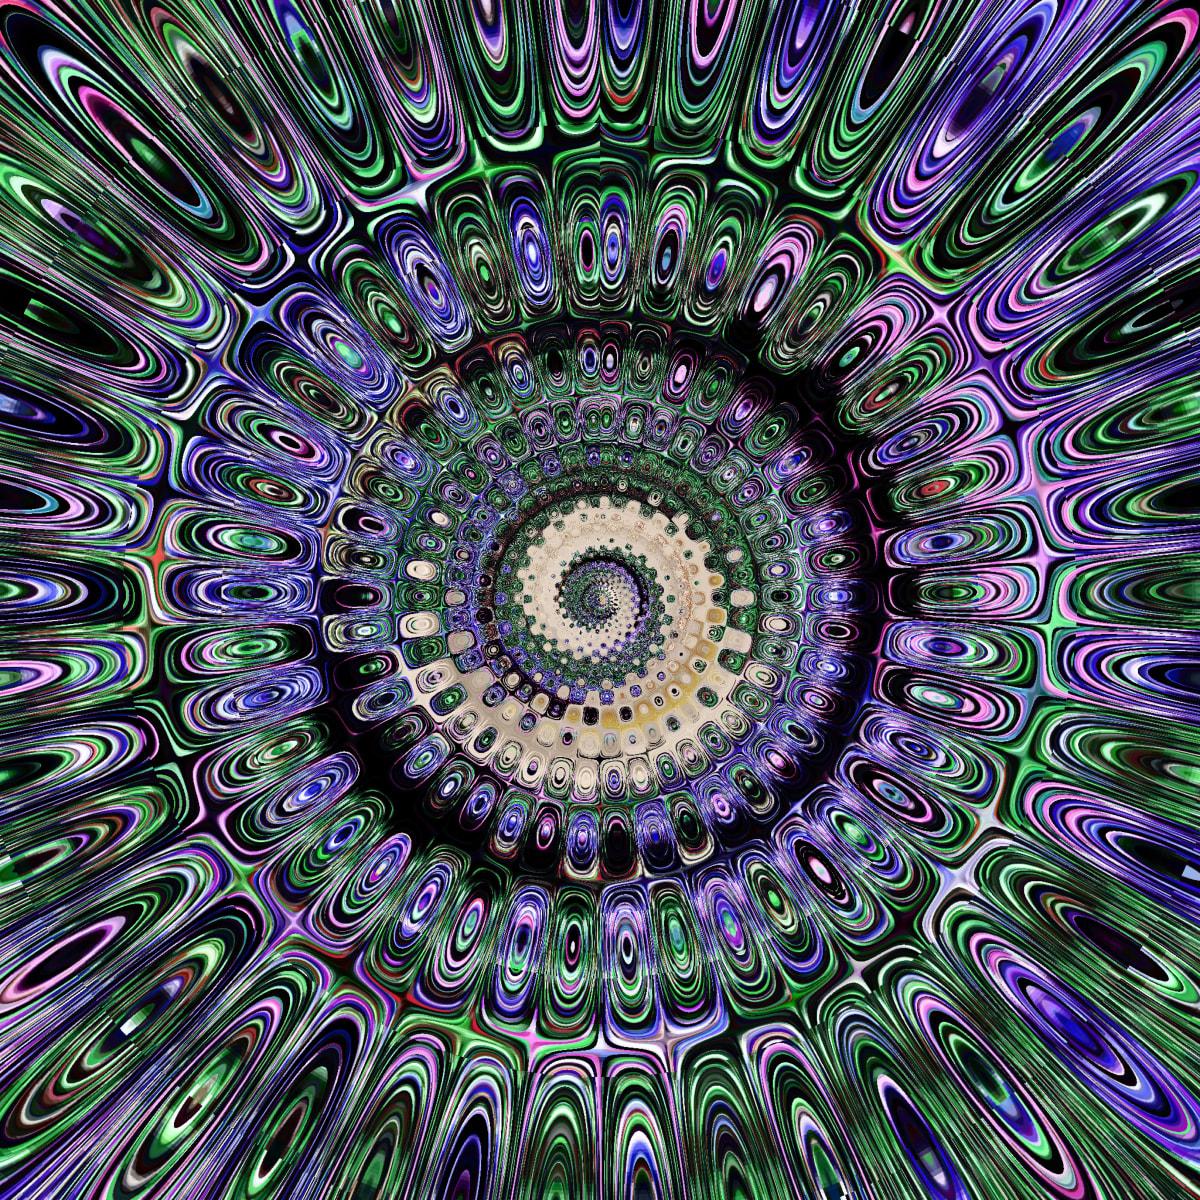 Kaleidoscope 12 by Y. Hope Osborn